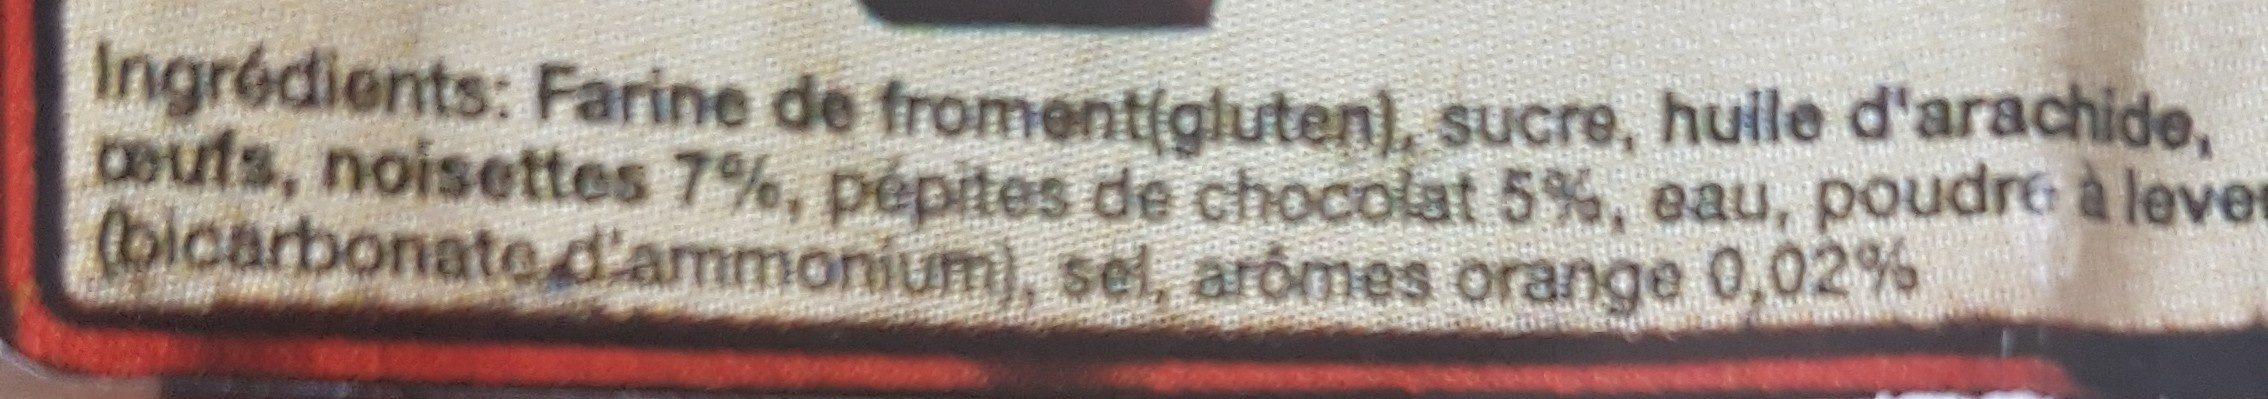 Canistrelli noix de coco - Ingrédients